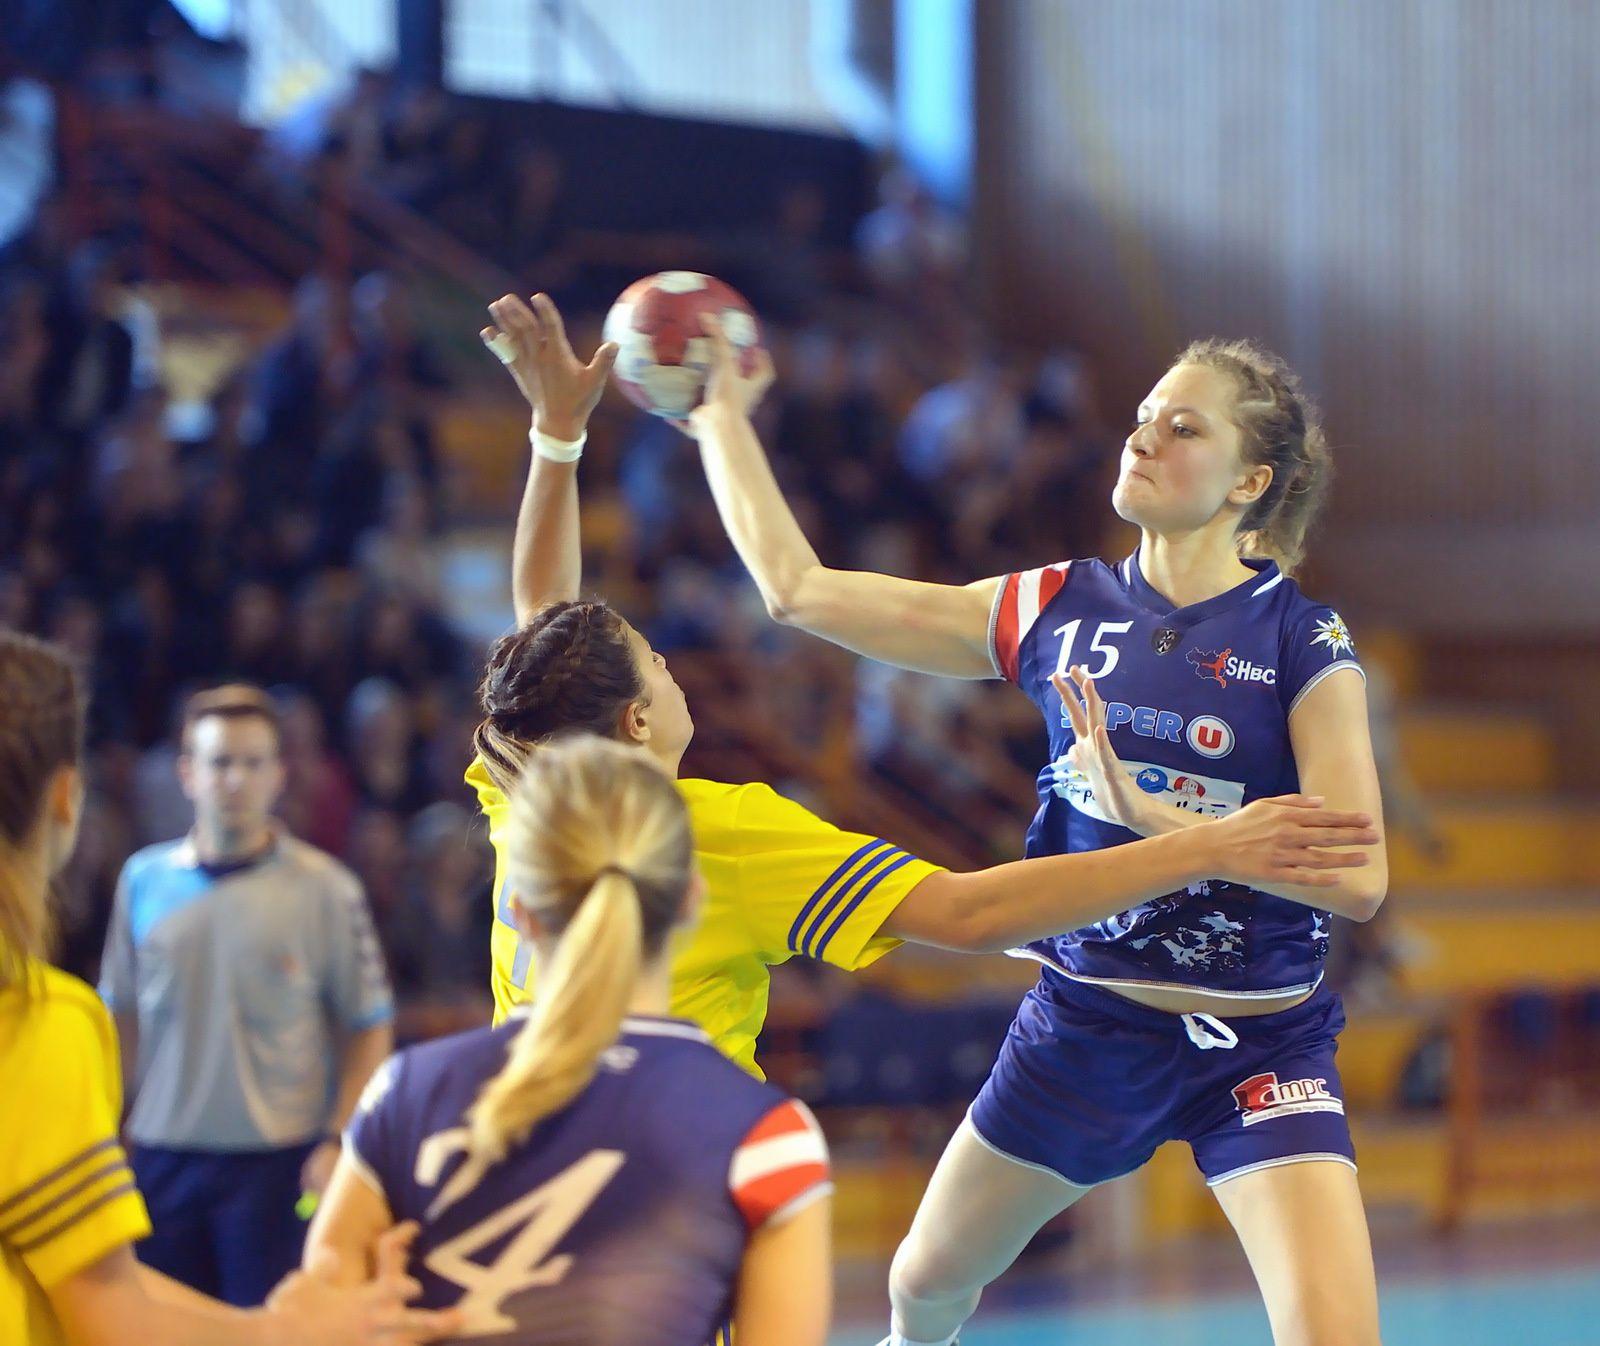 Après leur victoire contre Montpellier les – 18filles de la Motte Servolex sont en quart de finale.